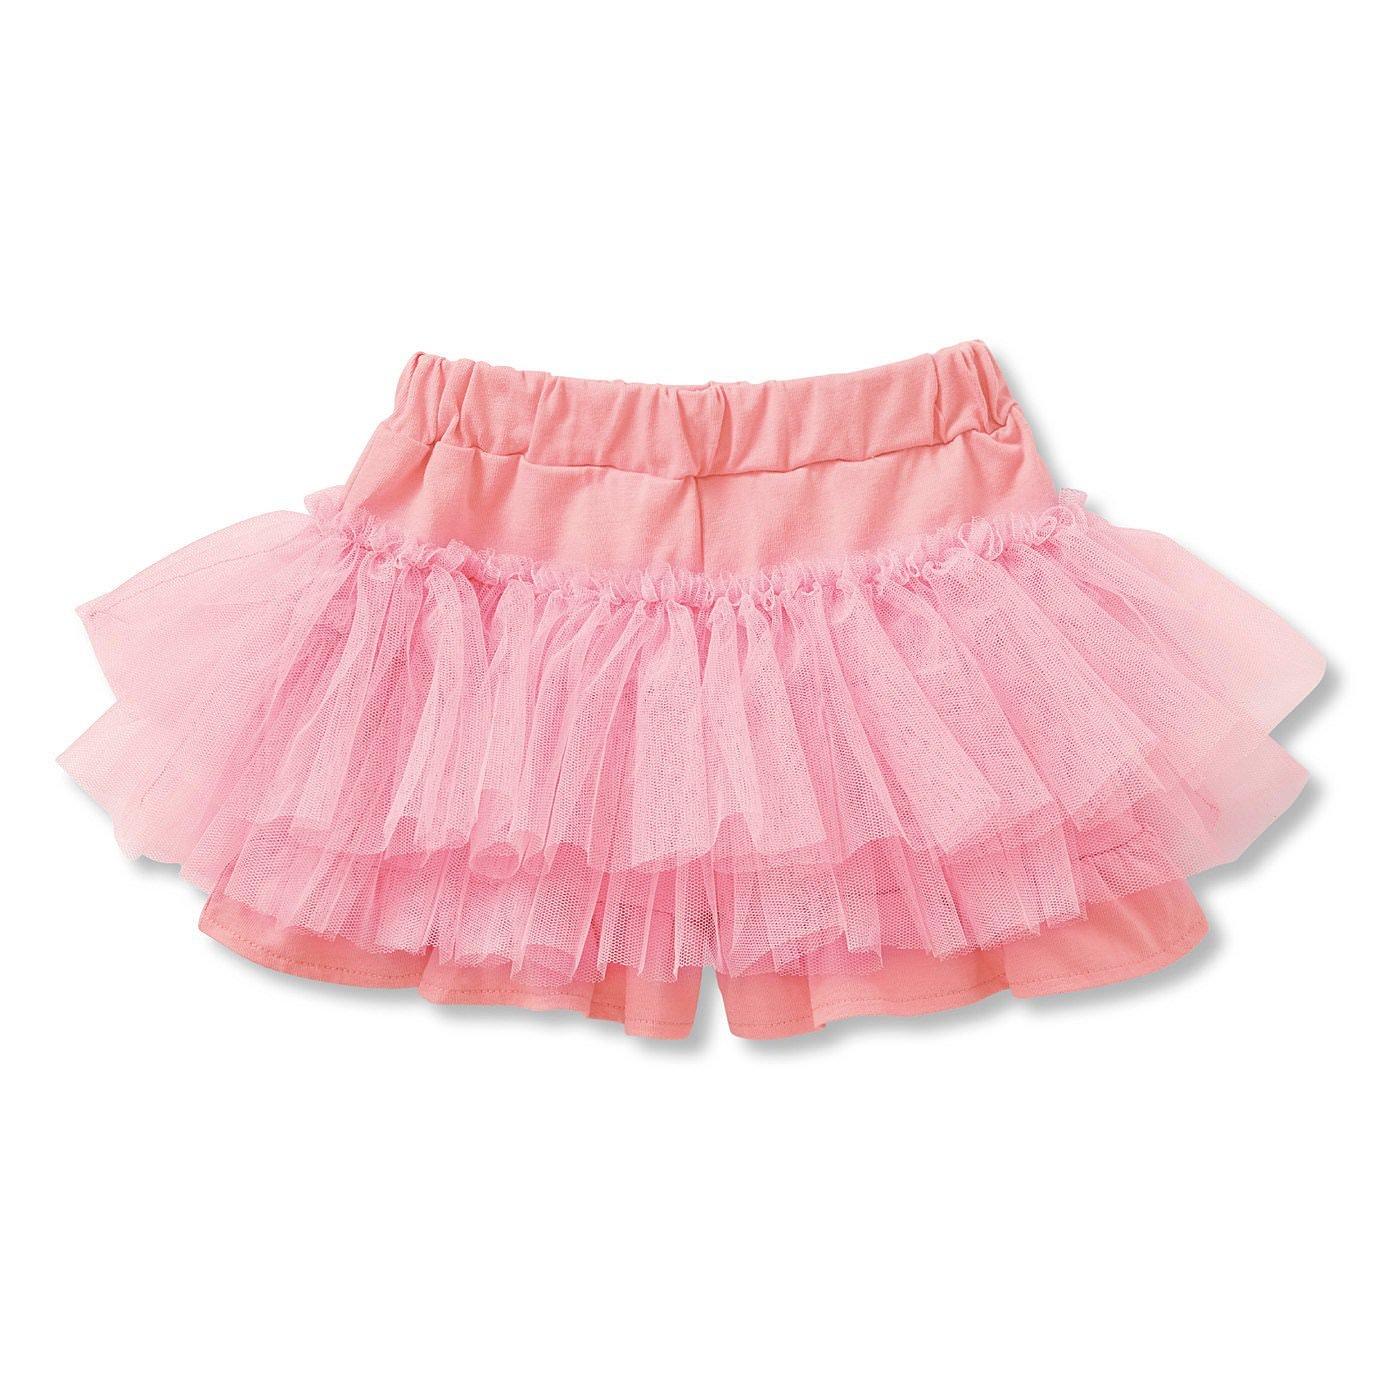 かわいいのに動きやすい ふわっふわのチュチュスカパン〈ピンク〉